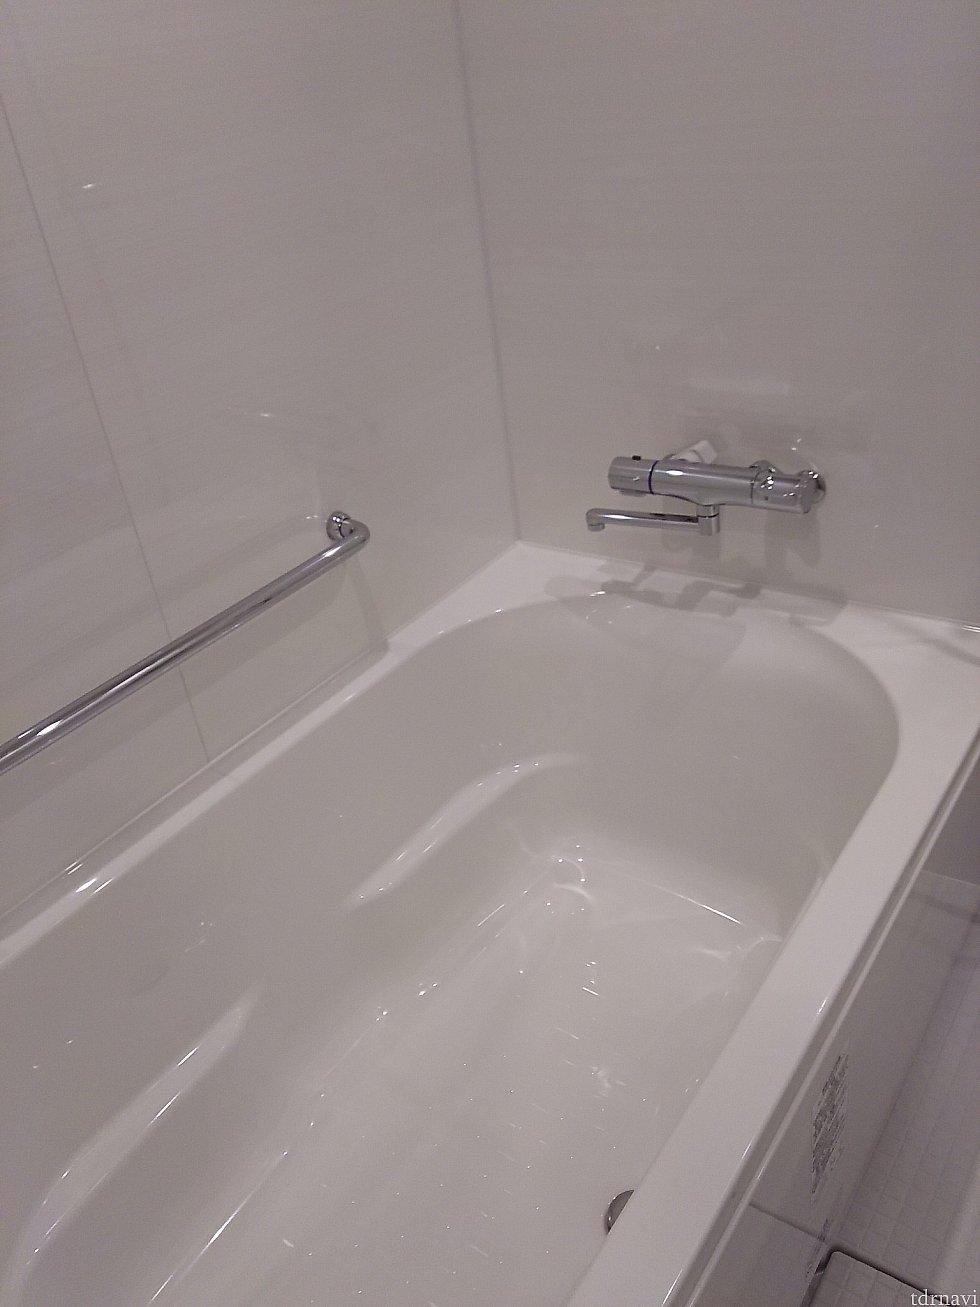 栓が不完全だと とんでもない音(重低音)がバスルーム内に響き渡ります 恐ろしかったです(教訓)